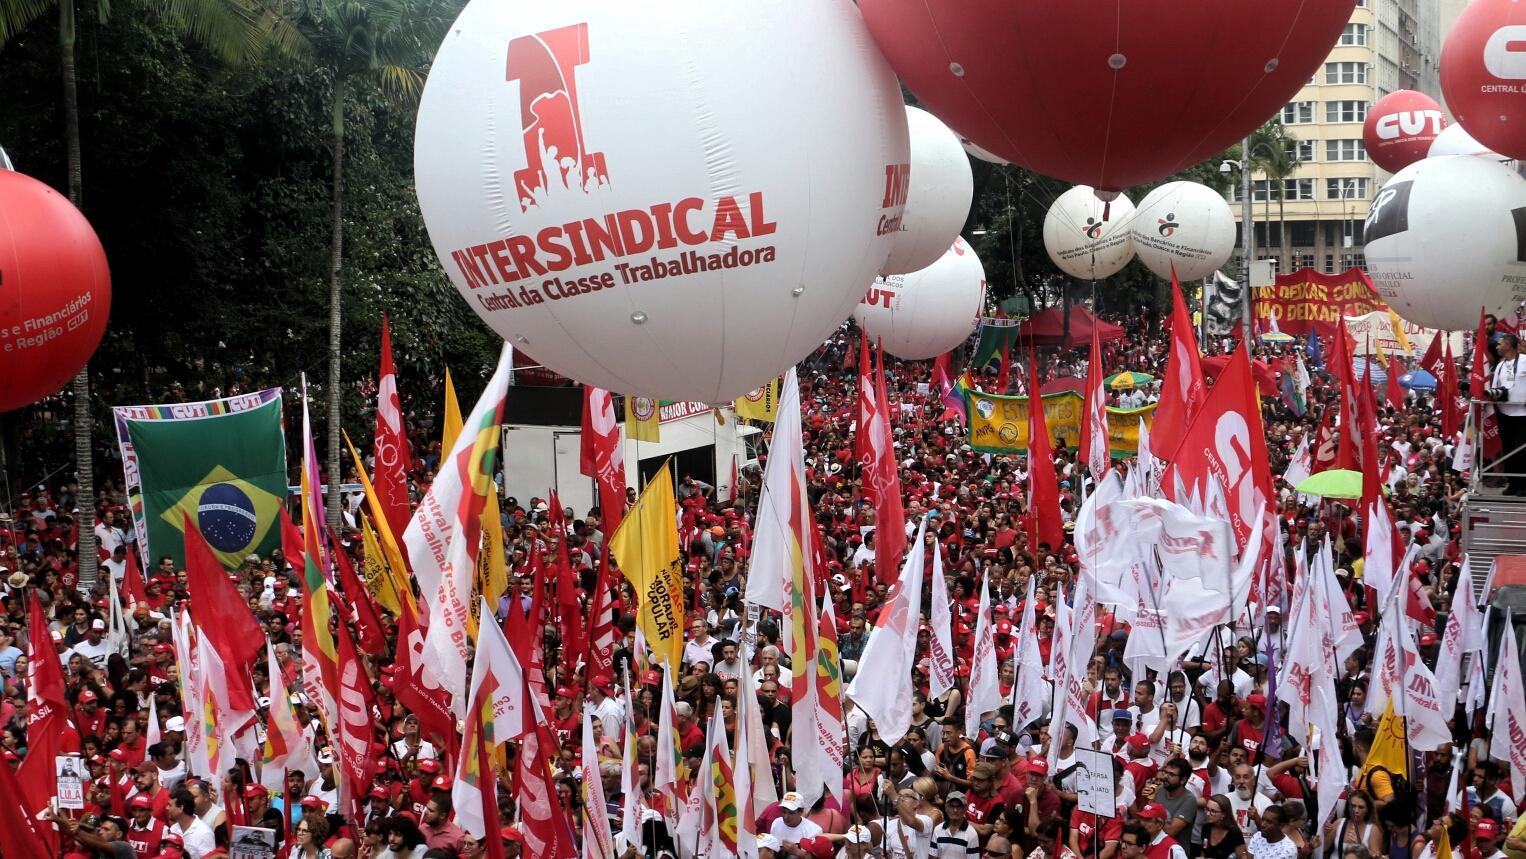 Intersindical participa de atos em defesa da democracia